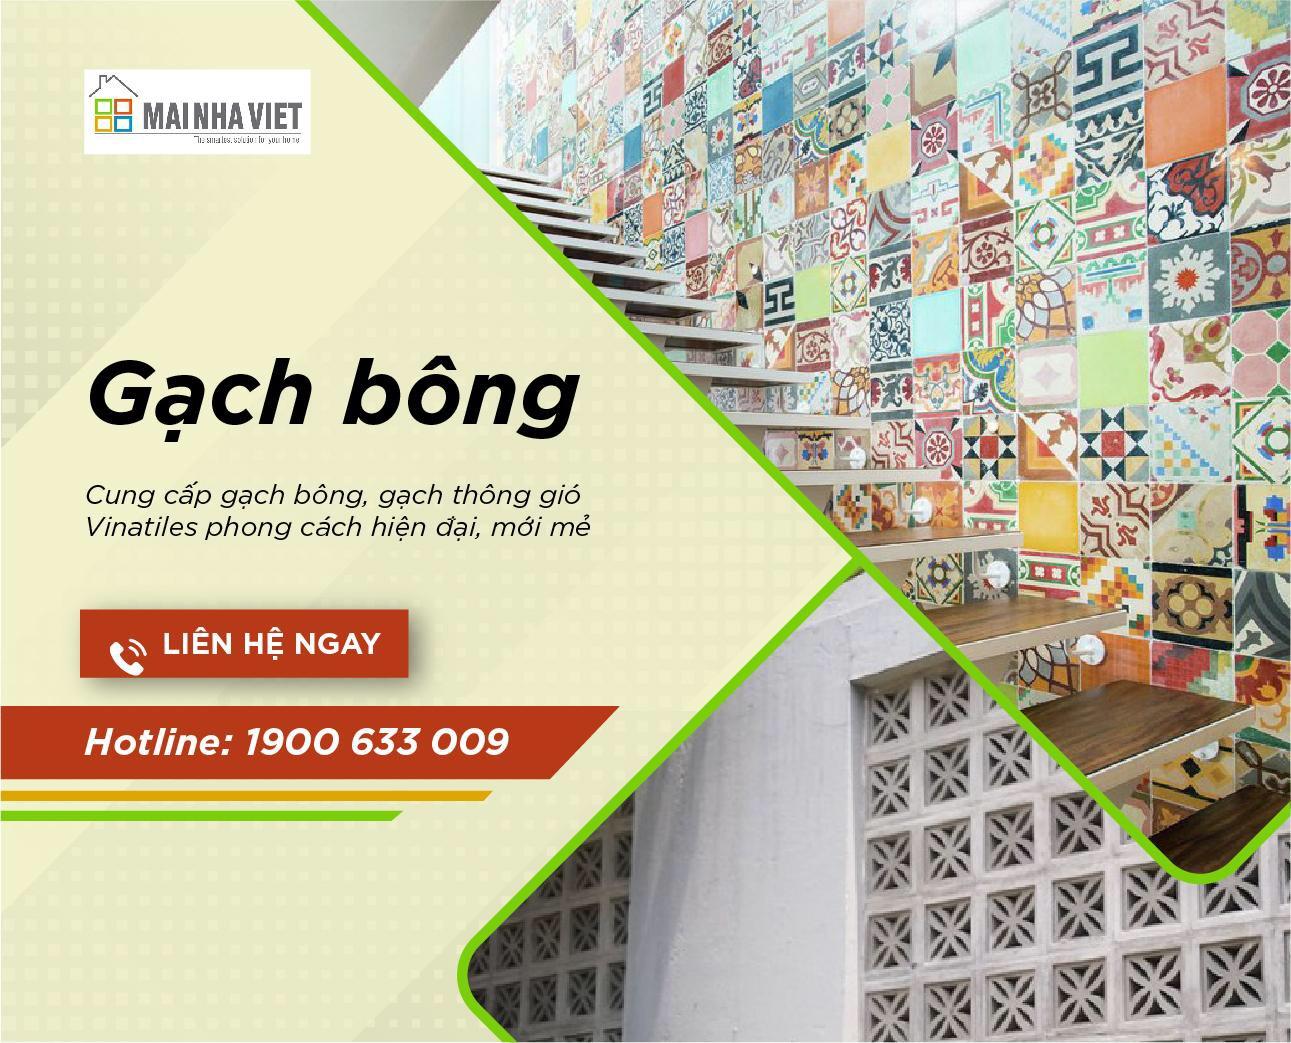 mainhaviet.com- gach bong banner home